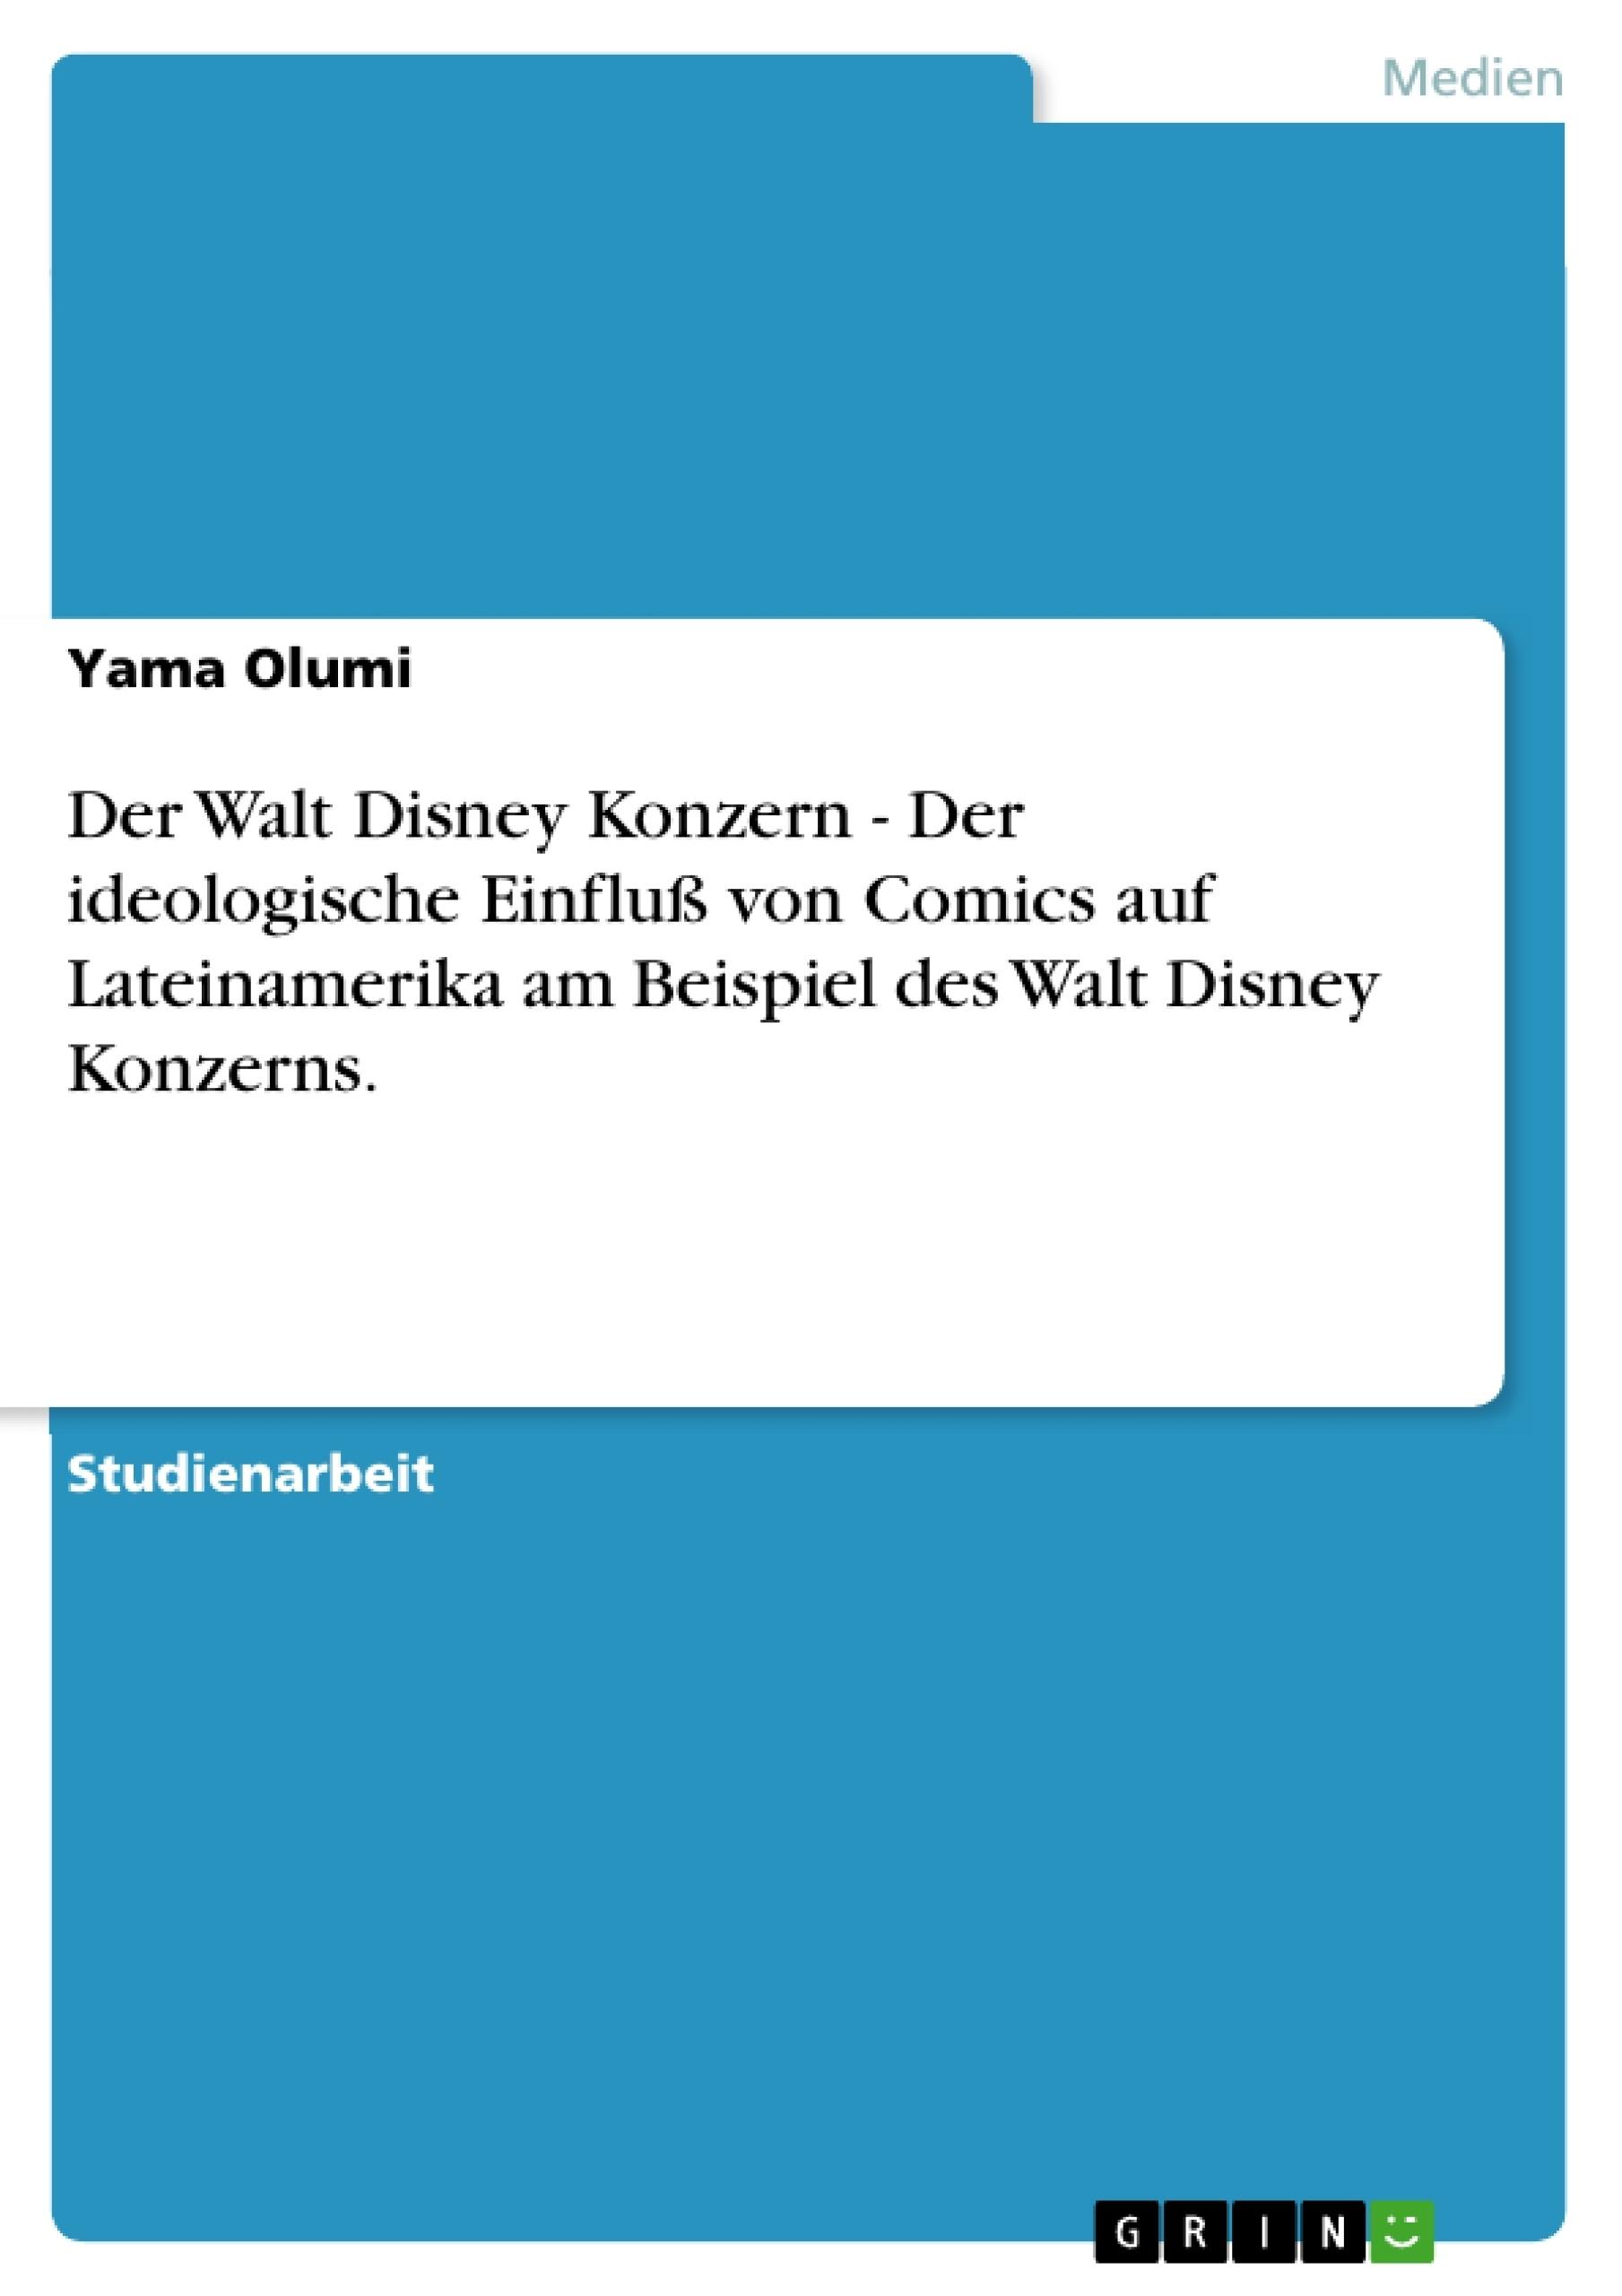 Titel: Der Walt Disney Konzern - Der ideologische Einfluß von Comics auf Lateinamerika am Beispiel des Walt Disney Konzerns.